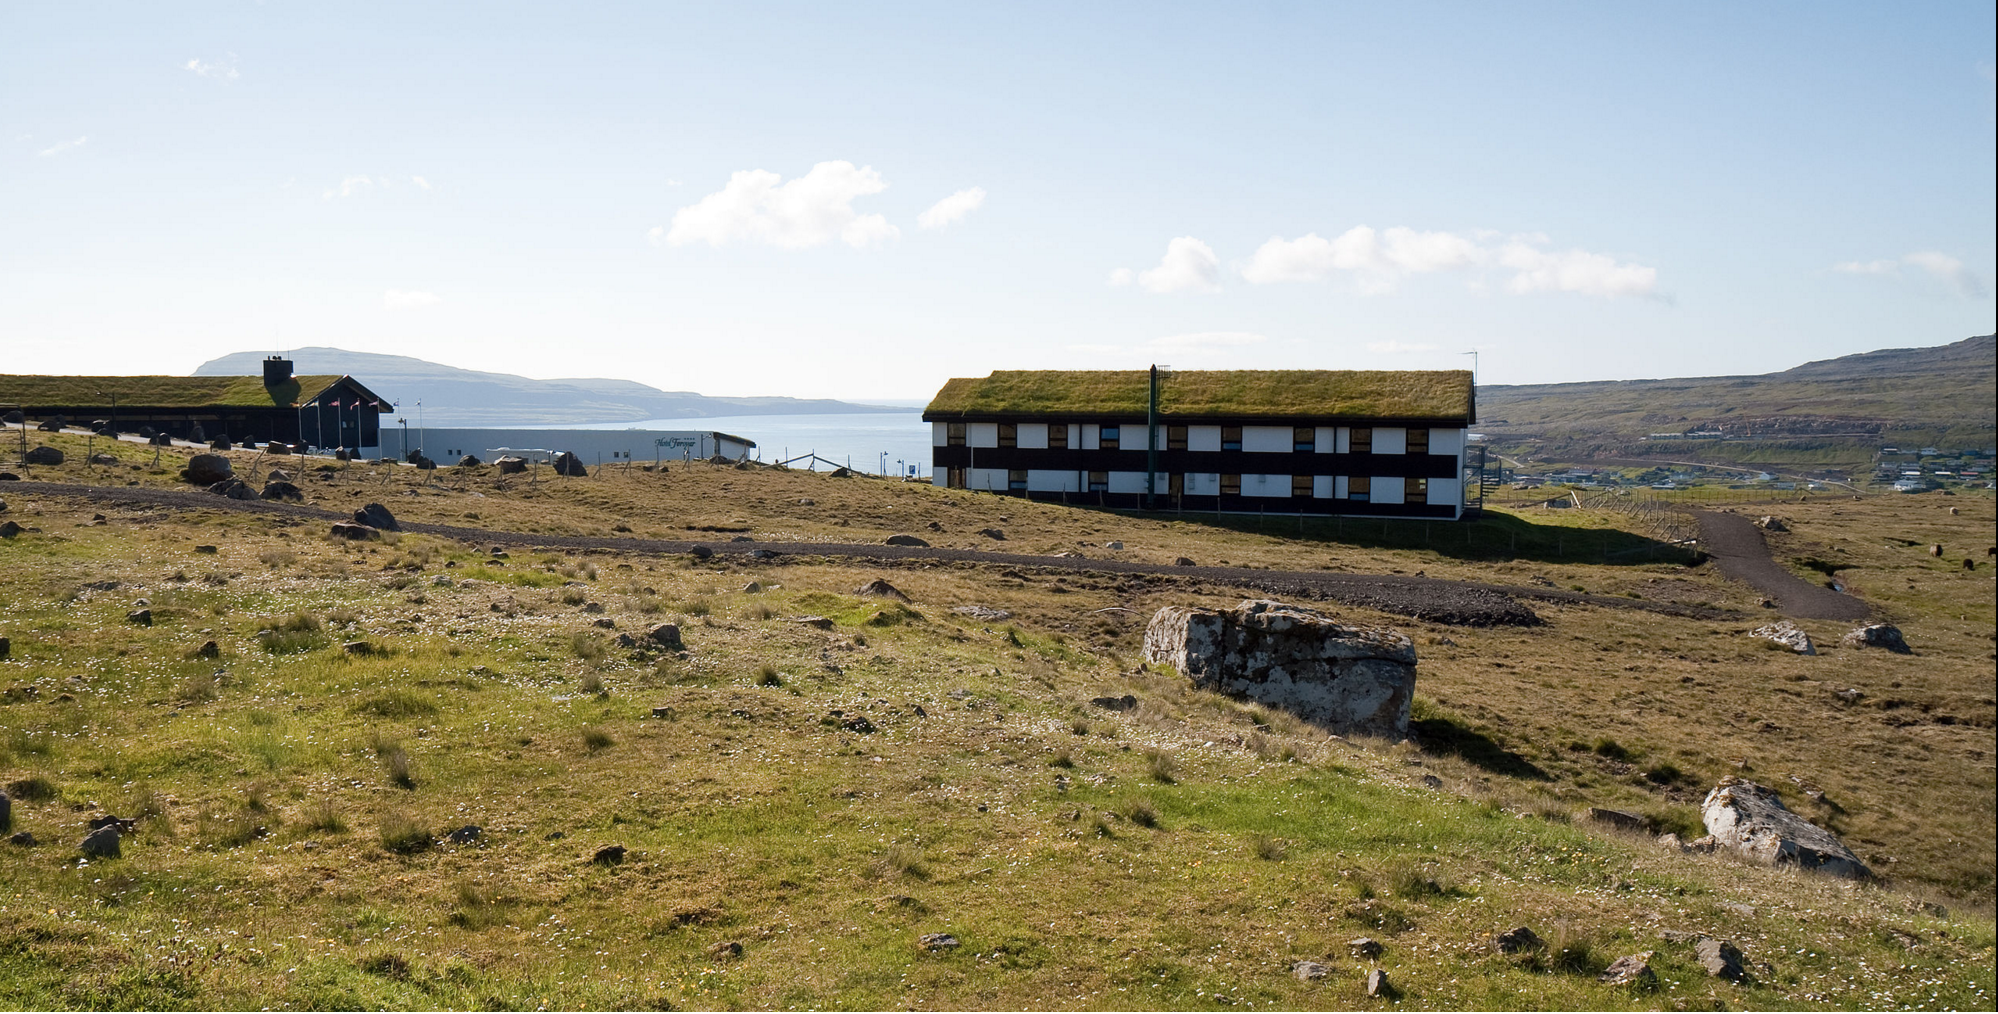 Hotel Foroyar